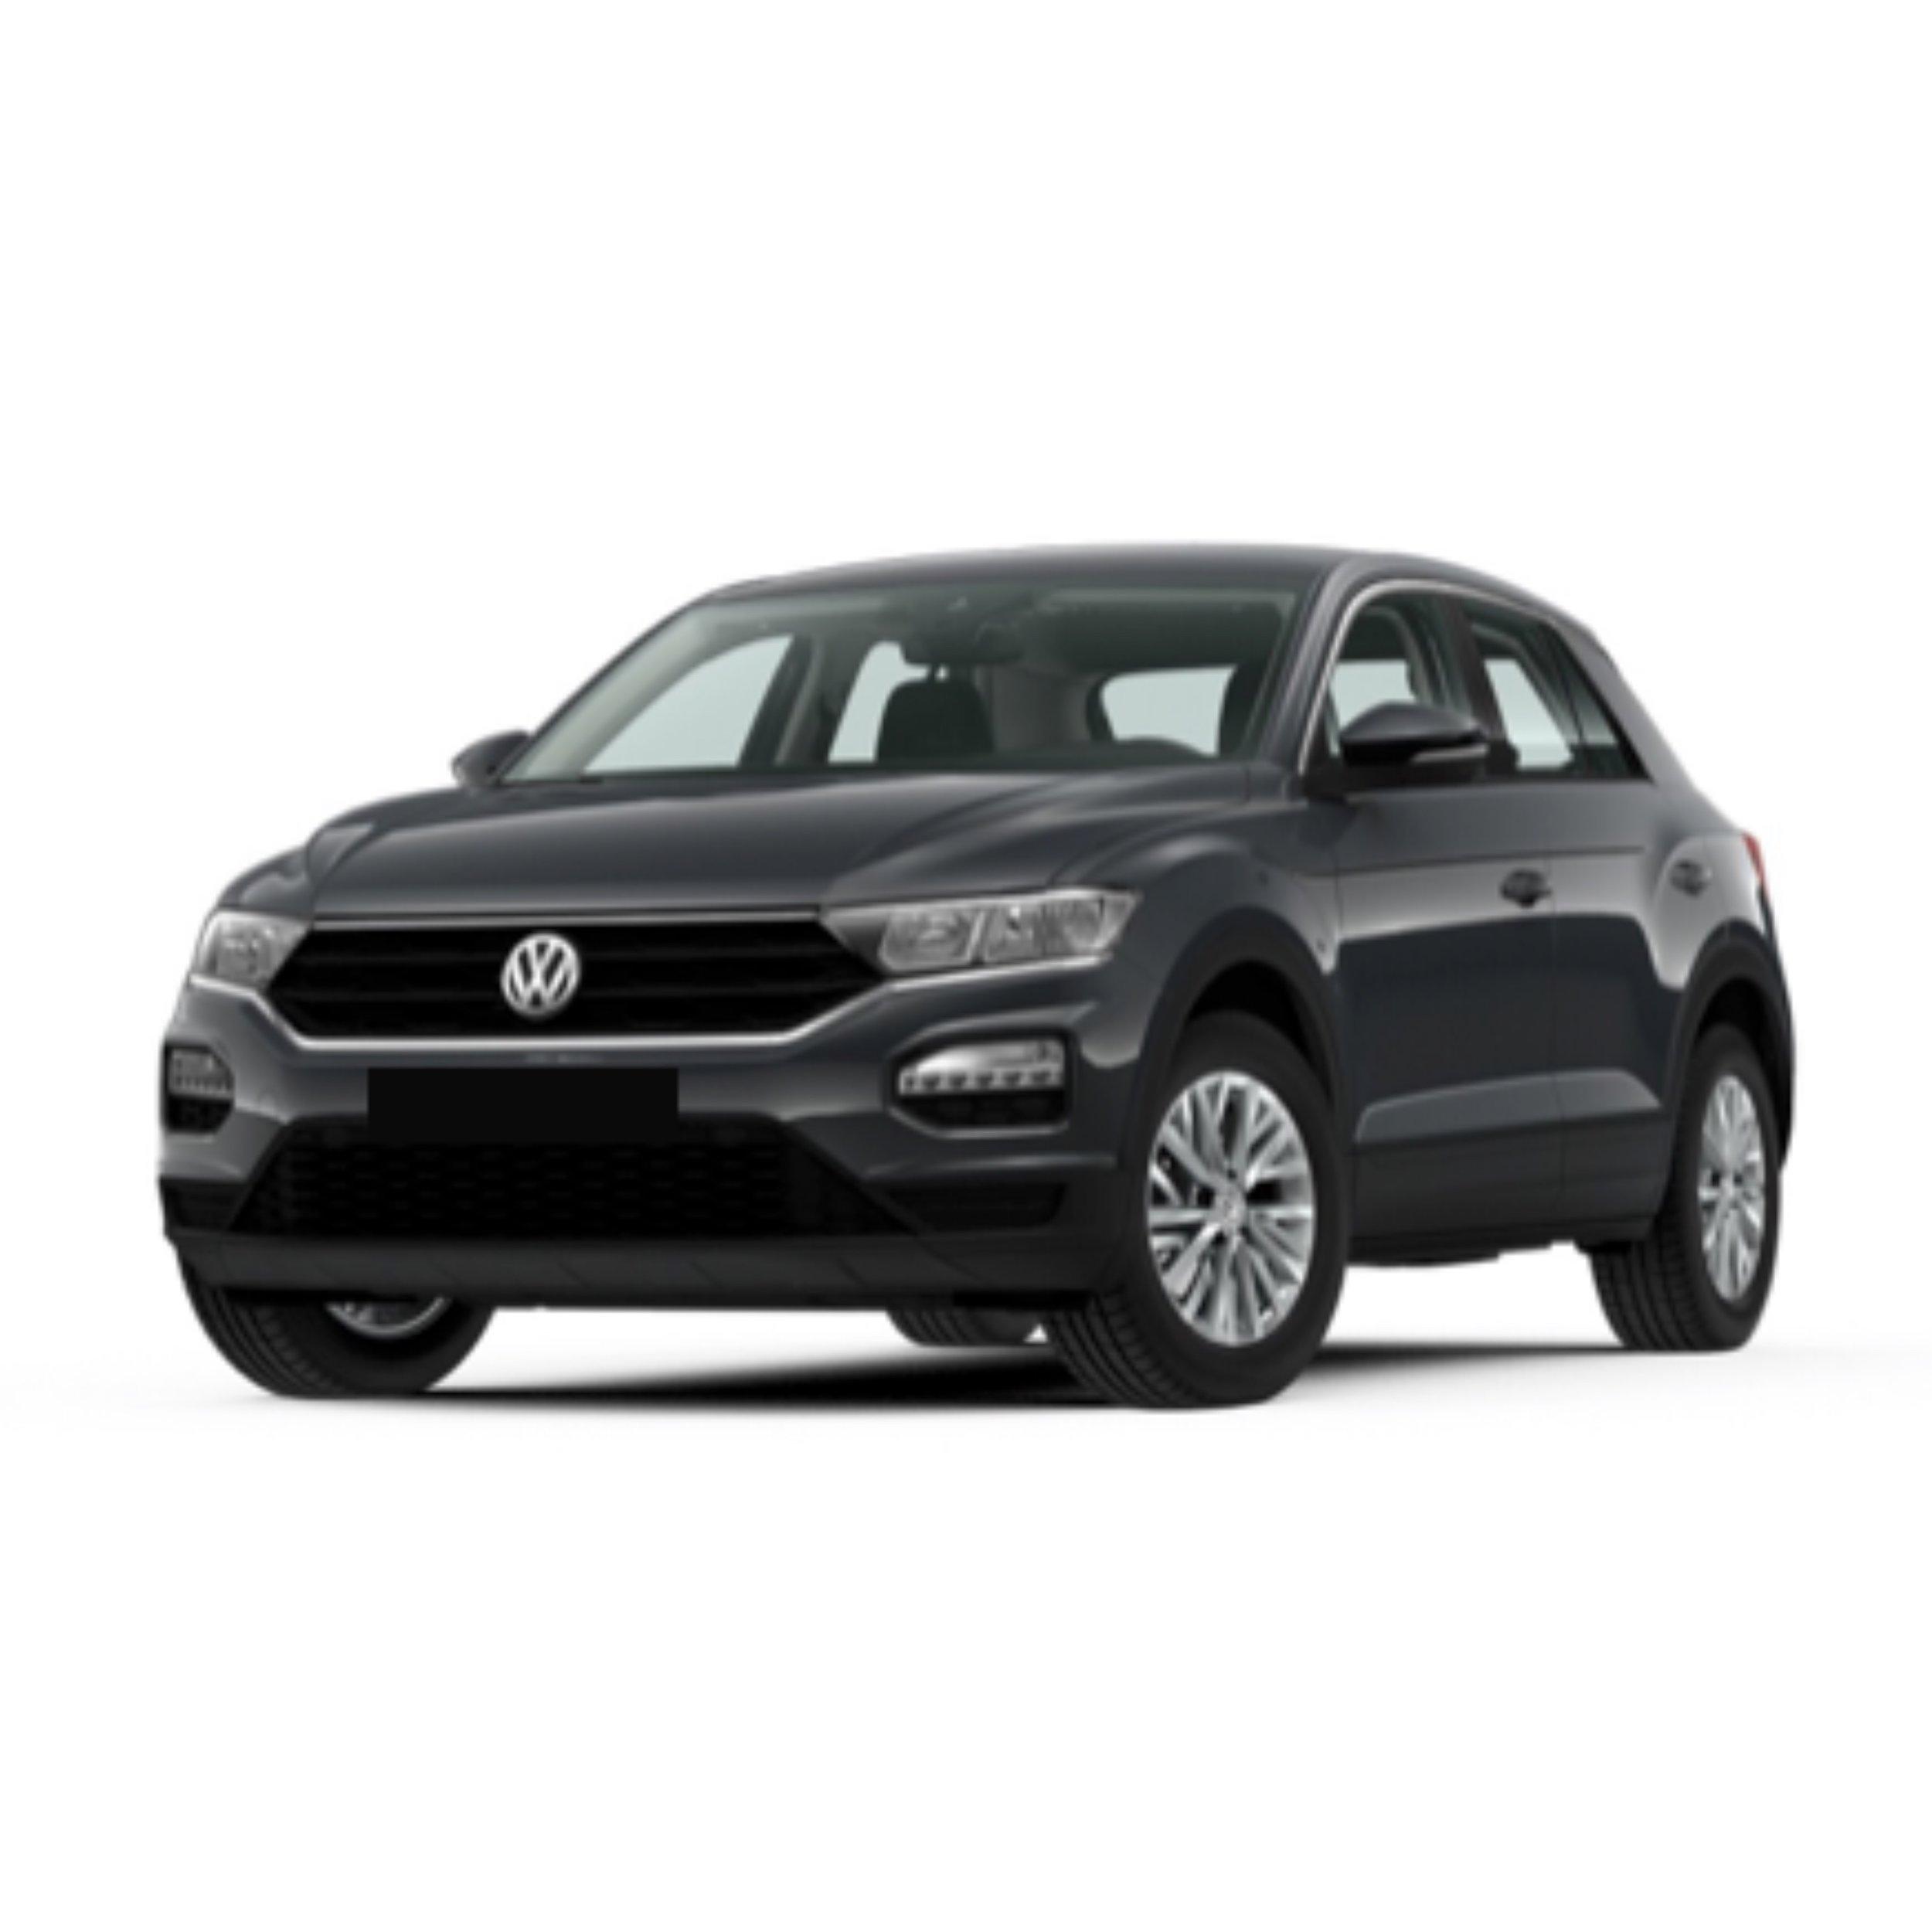 VW T-Roc 1.6 l TDI (115 PS)169,00€ / Monat - *Nur Gewerbekunden*alle Werte zzgl. der jeweiligen Umsatzsteuer